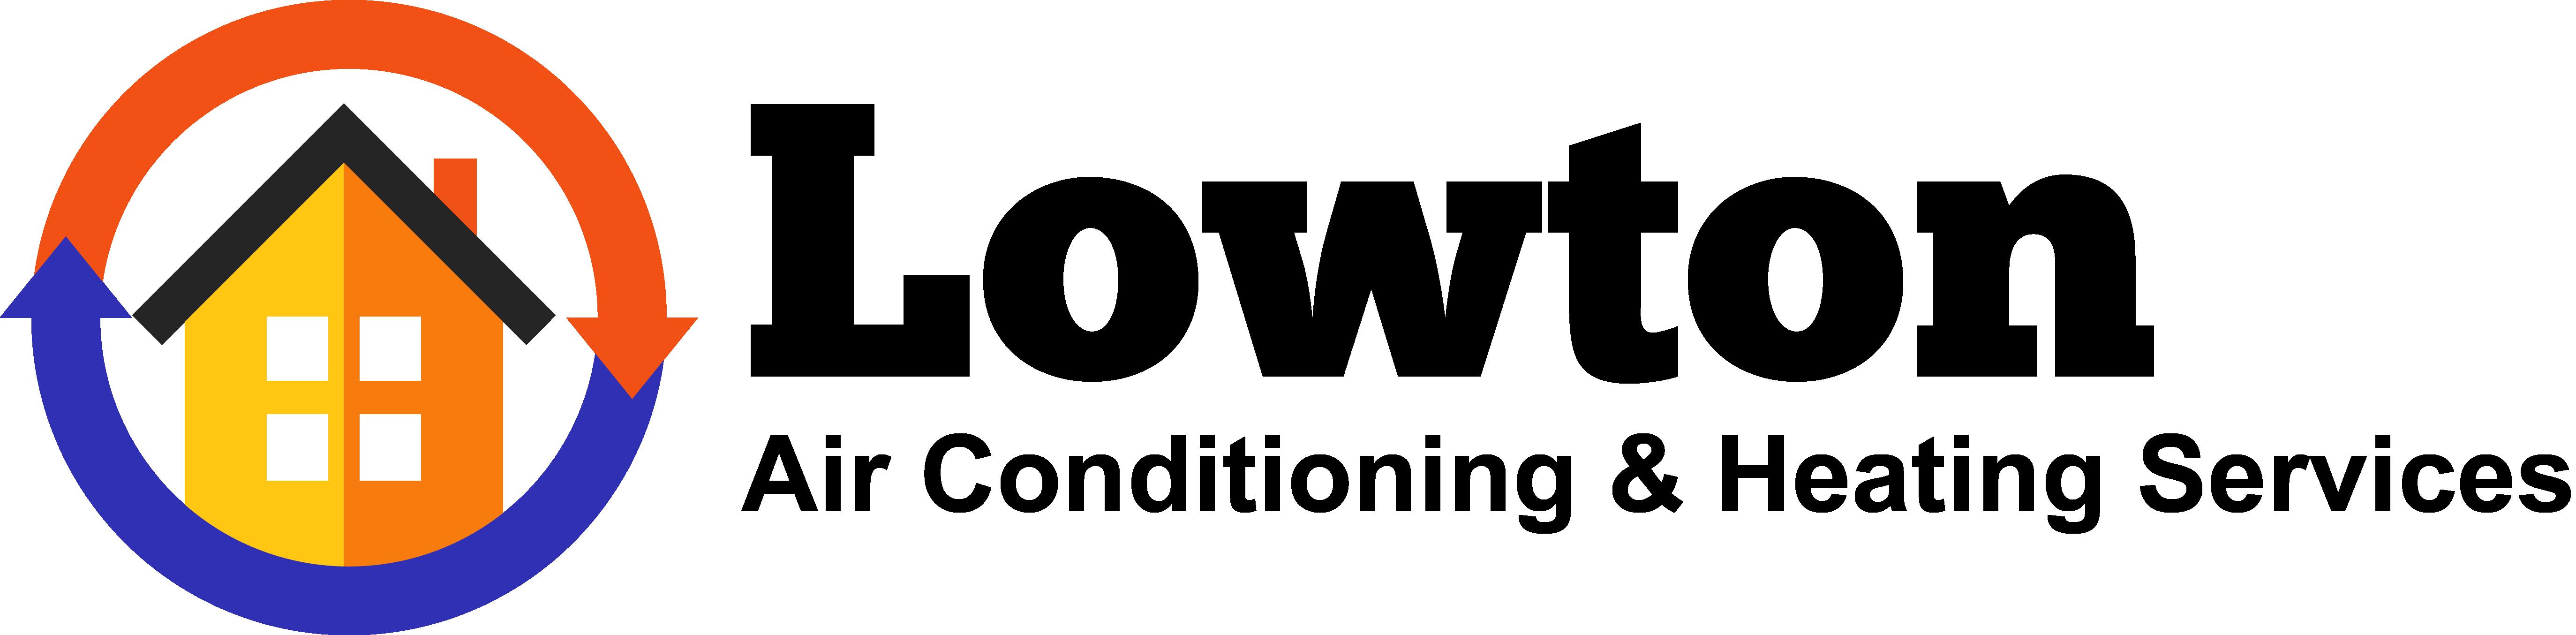 lowton-logo.png